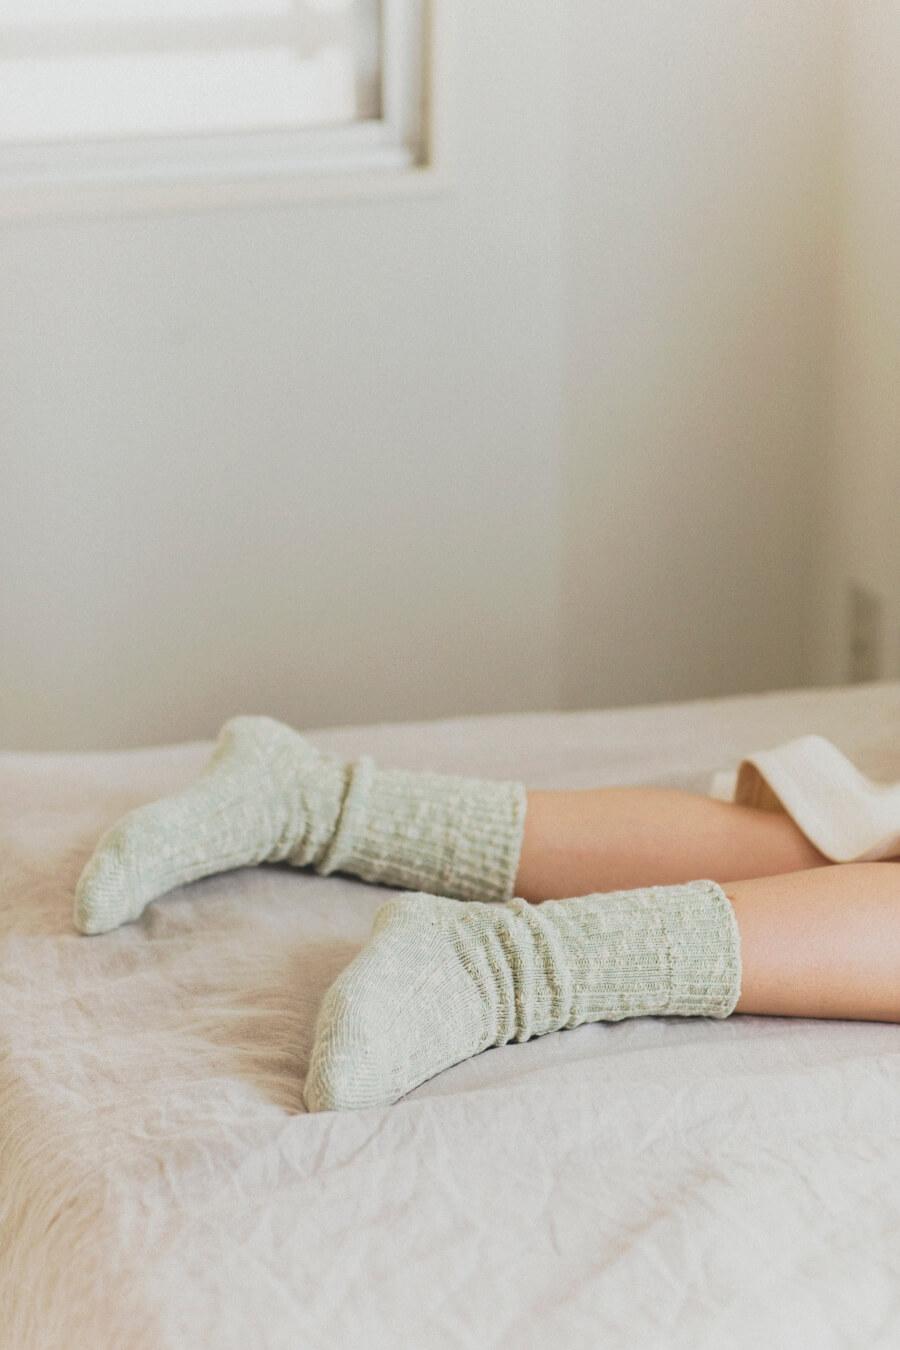 当たりつきギフト専用靴下のLUCKY SOCKS(ラッキーソックス)のMix Rib Socks(ミックスリブソックス)のペールミント_image2